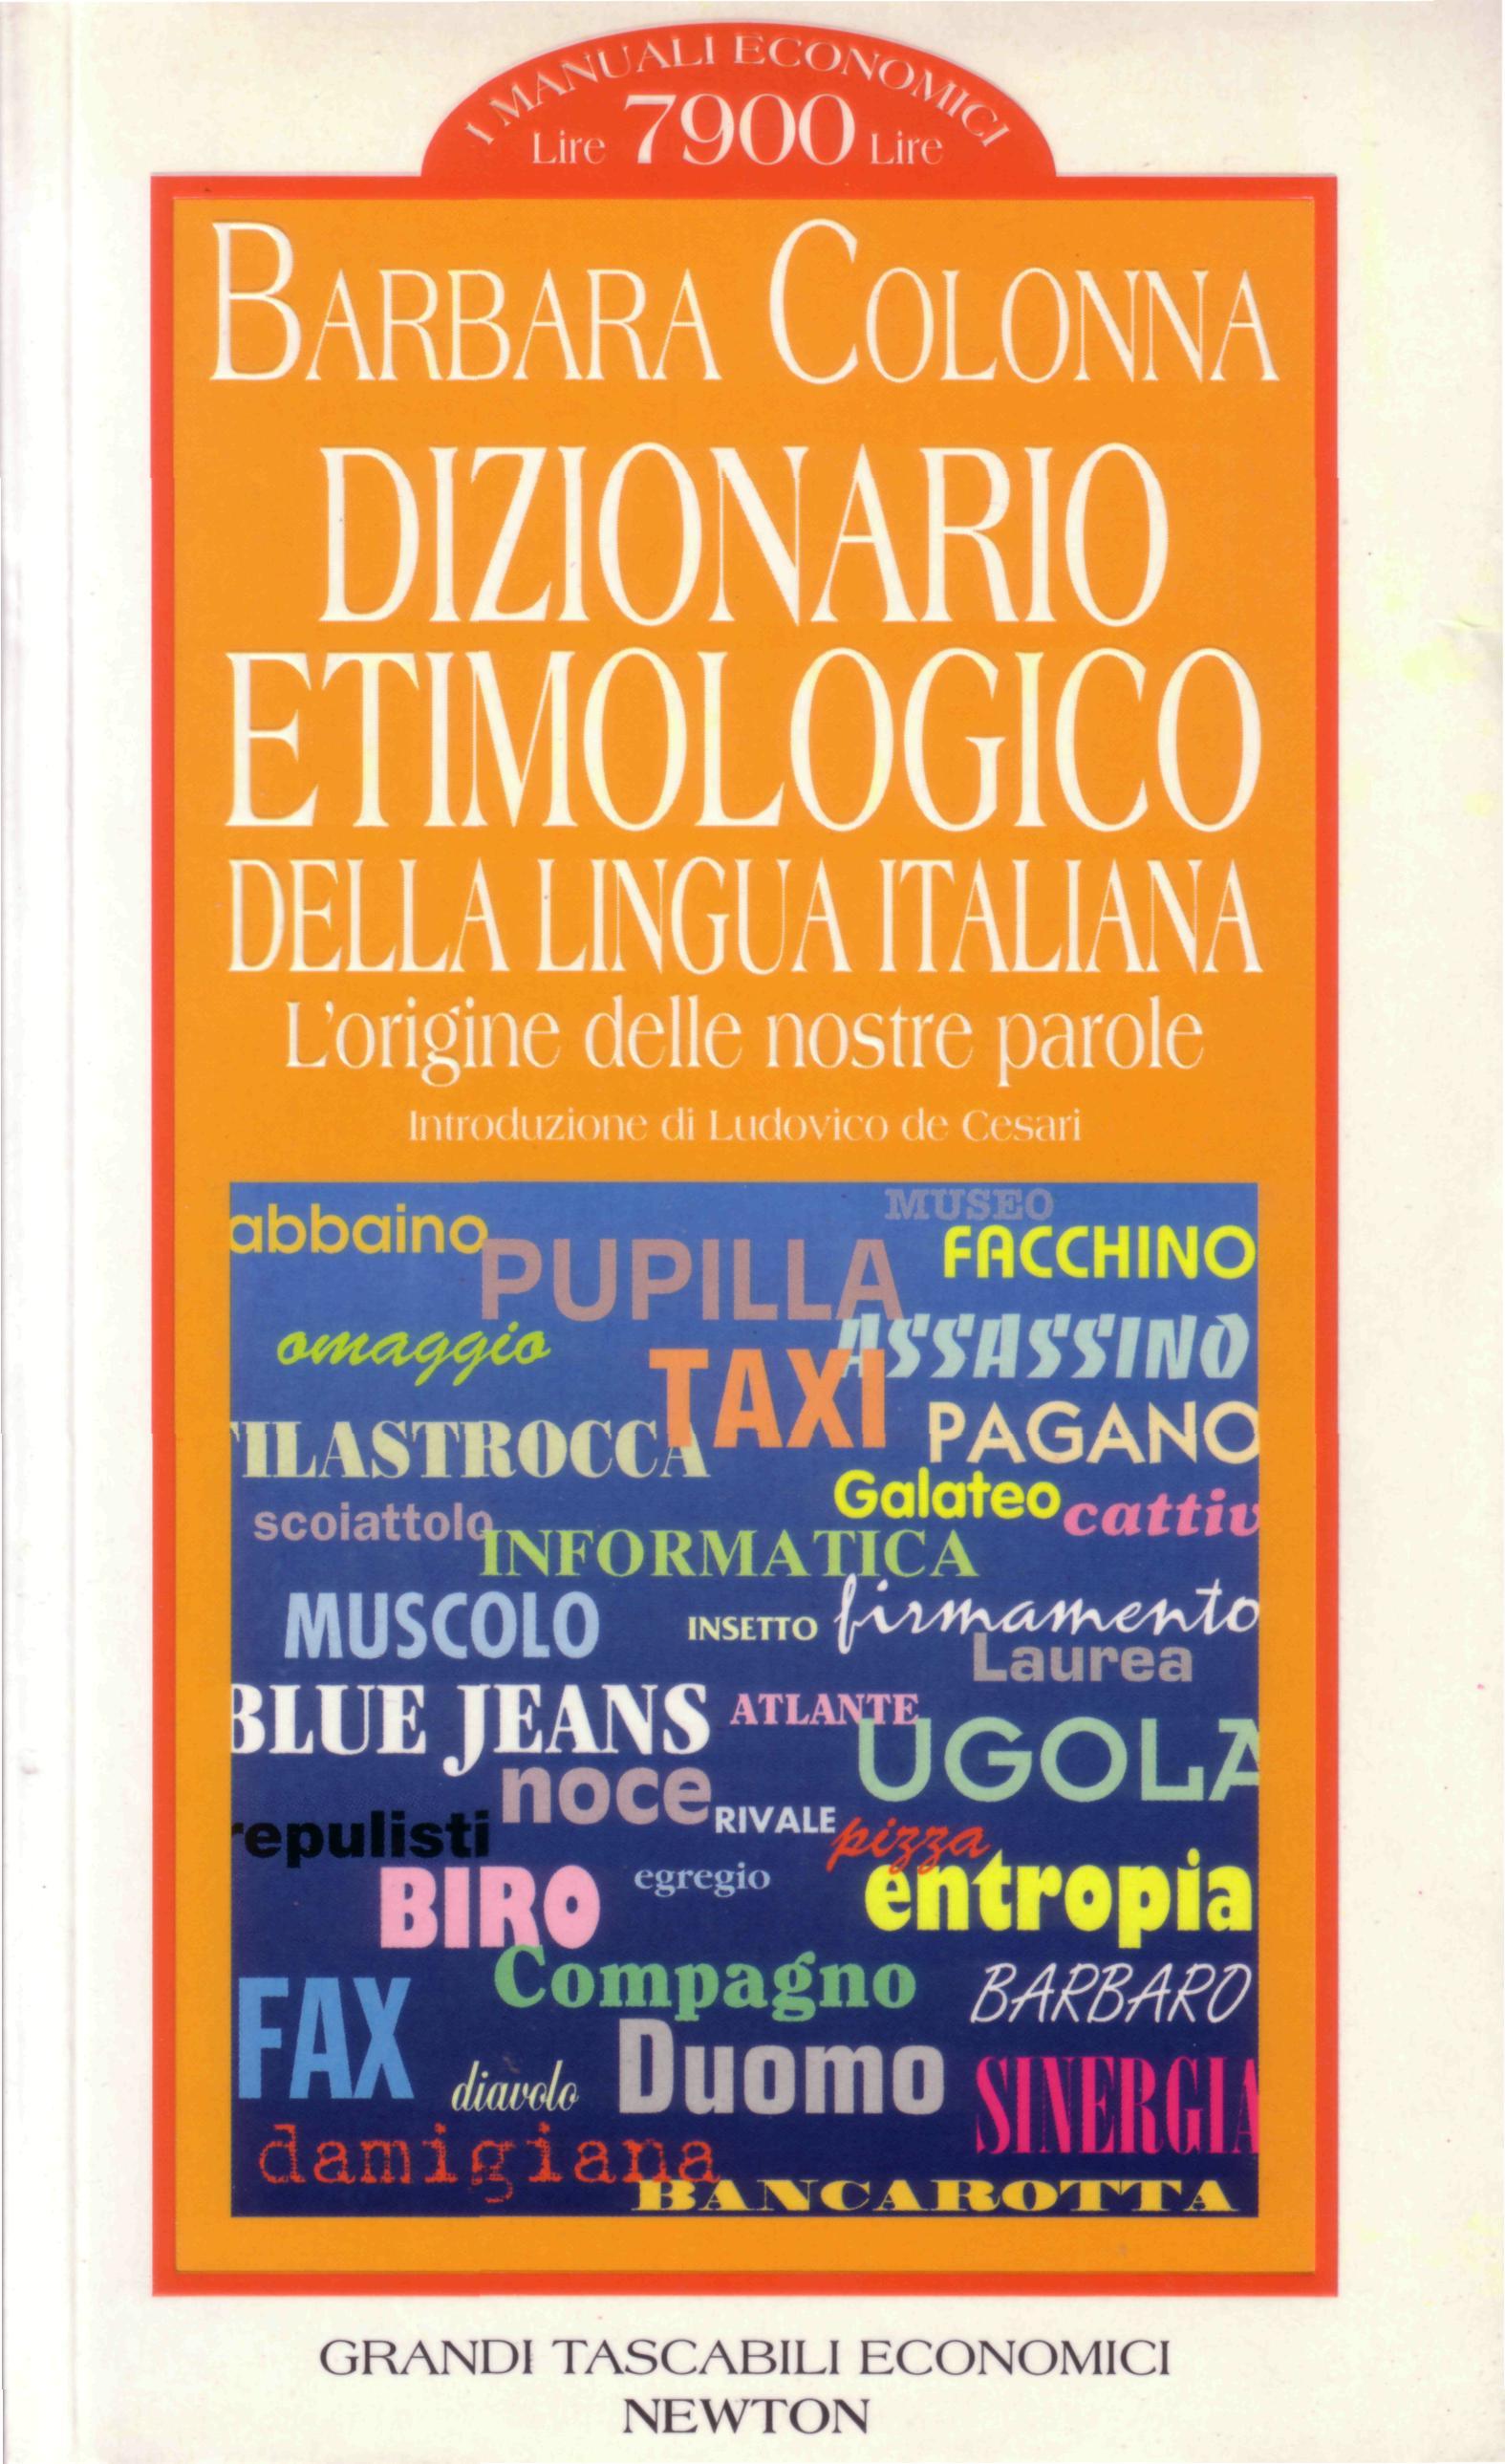 Dizionario etimologico della lingua italiana